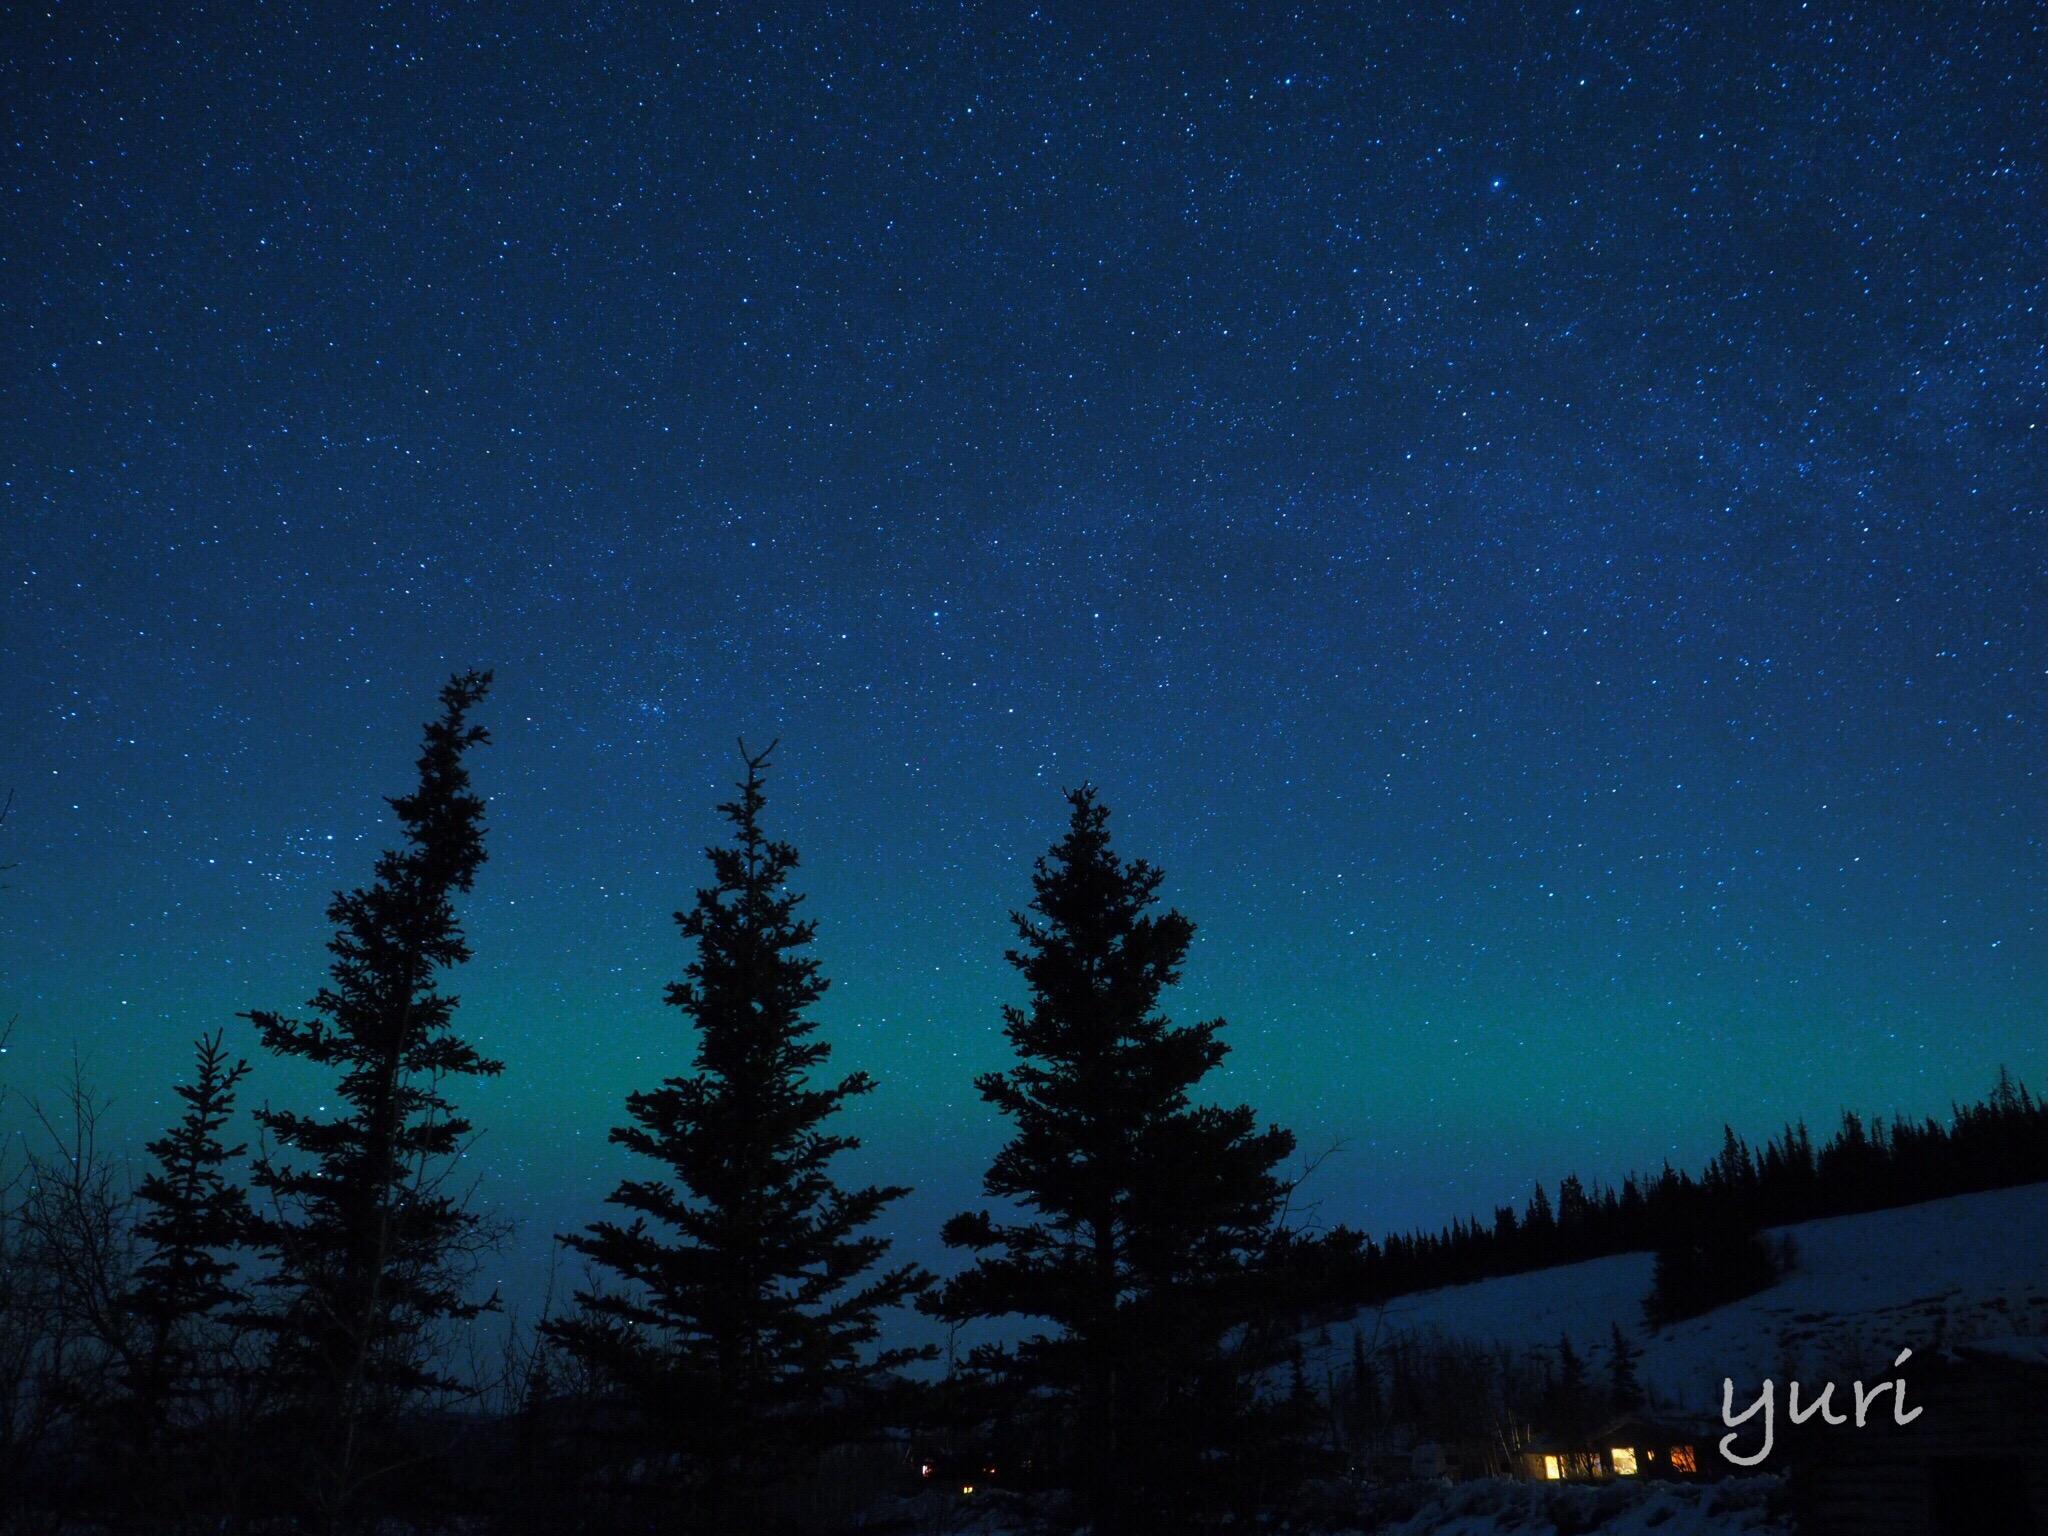 空・オーロラ・星をダイナミックに撮りたいならとりあえず広角を選んでみる